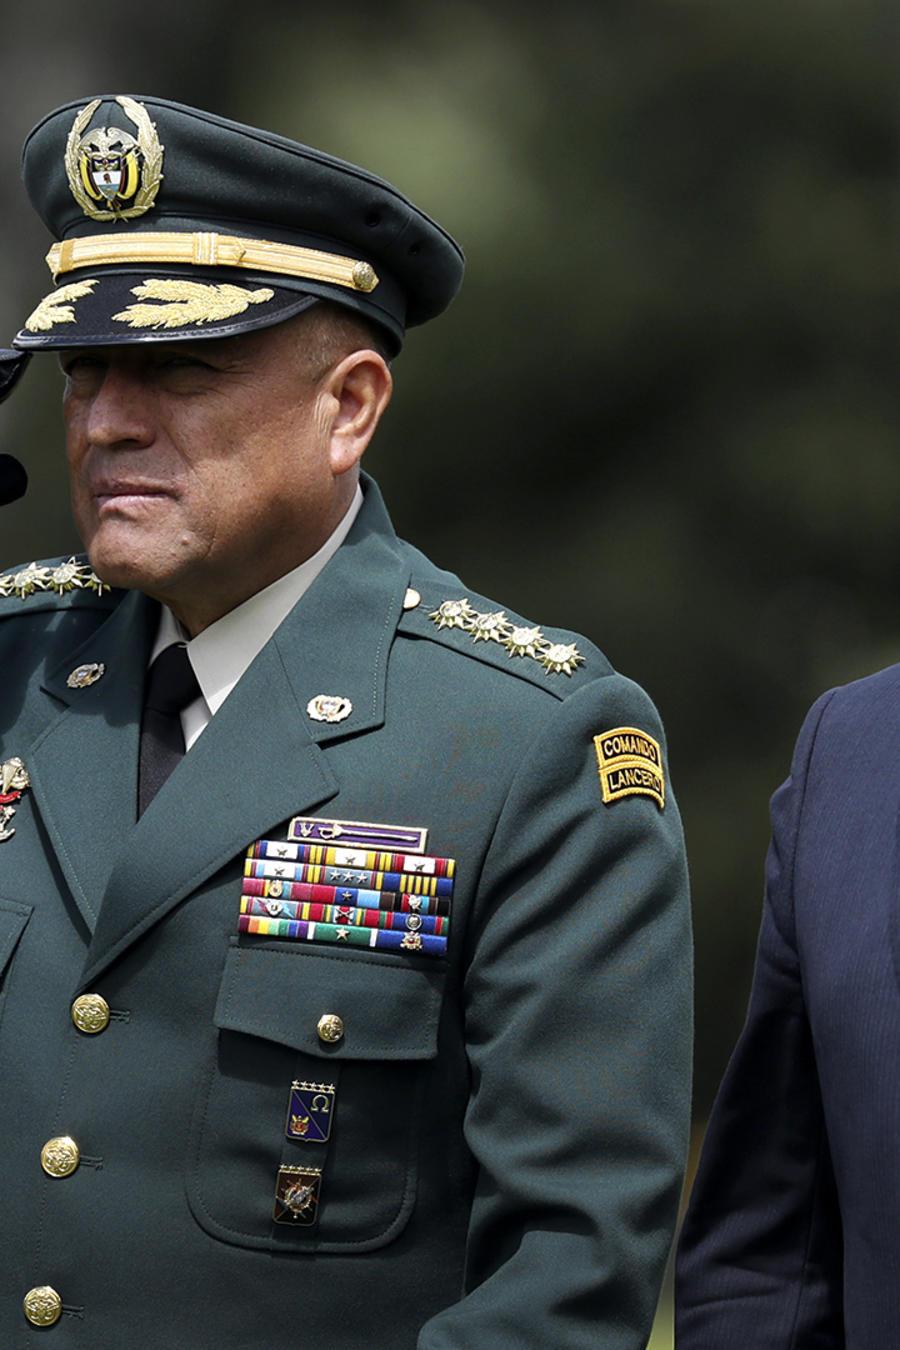 El ministro interino de Defensa de Colombia y el comandante de las Fuerzas Armadas, general Luis Fernando Navarro, centro, y el presidente colombiano, Iván Duque, a la derecha, en una ceremonia de graduación para cadetes de la policía en Bogotá, en noviem